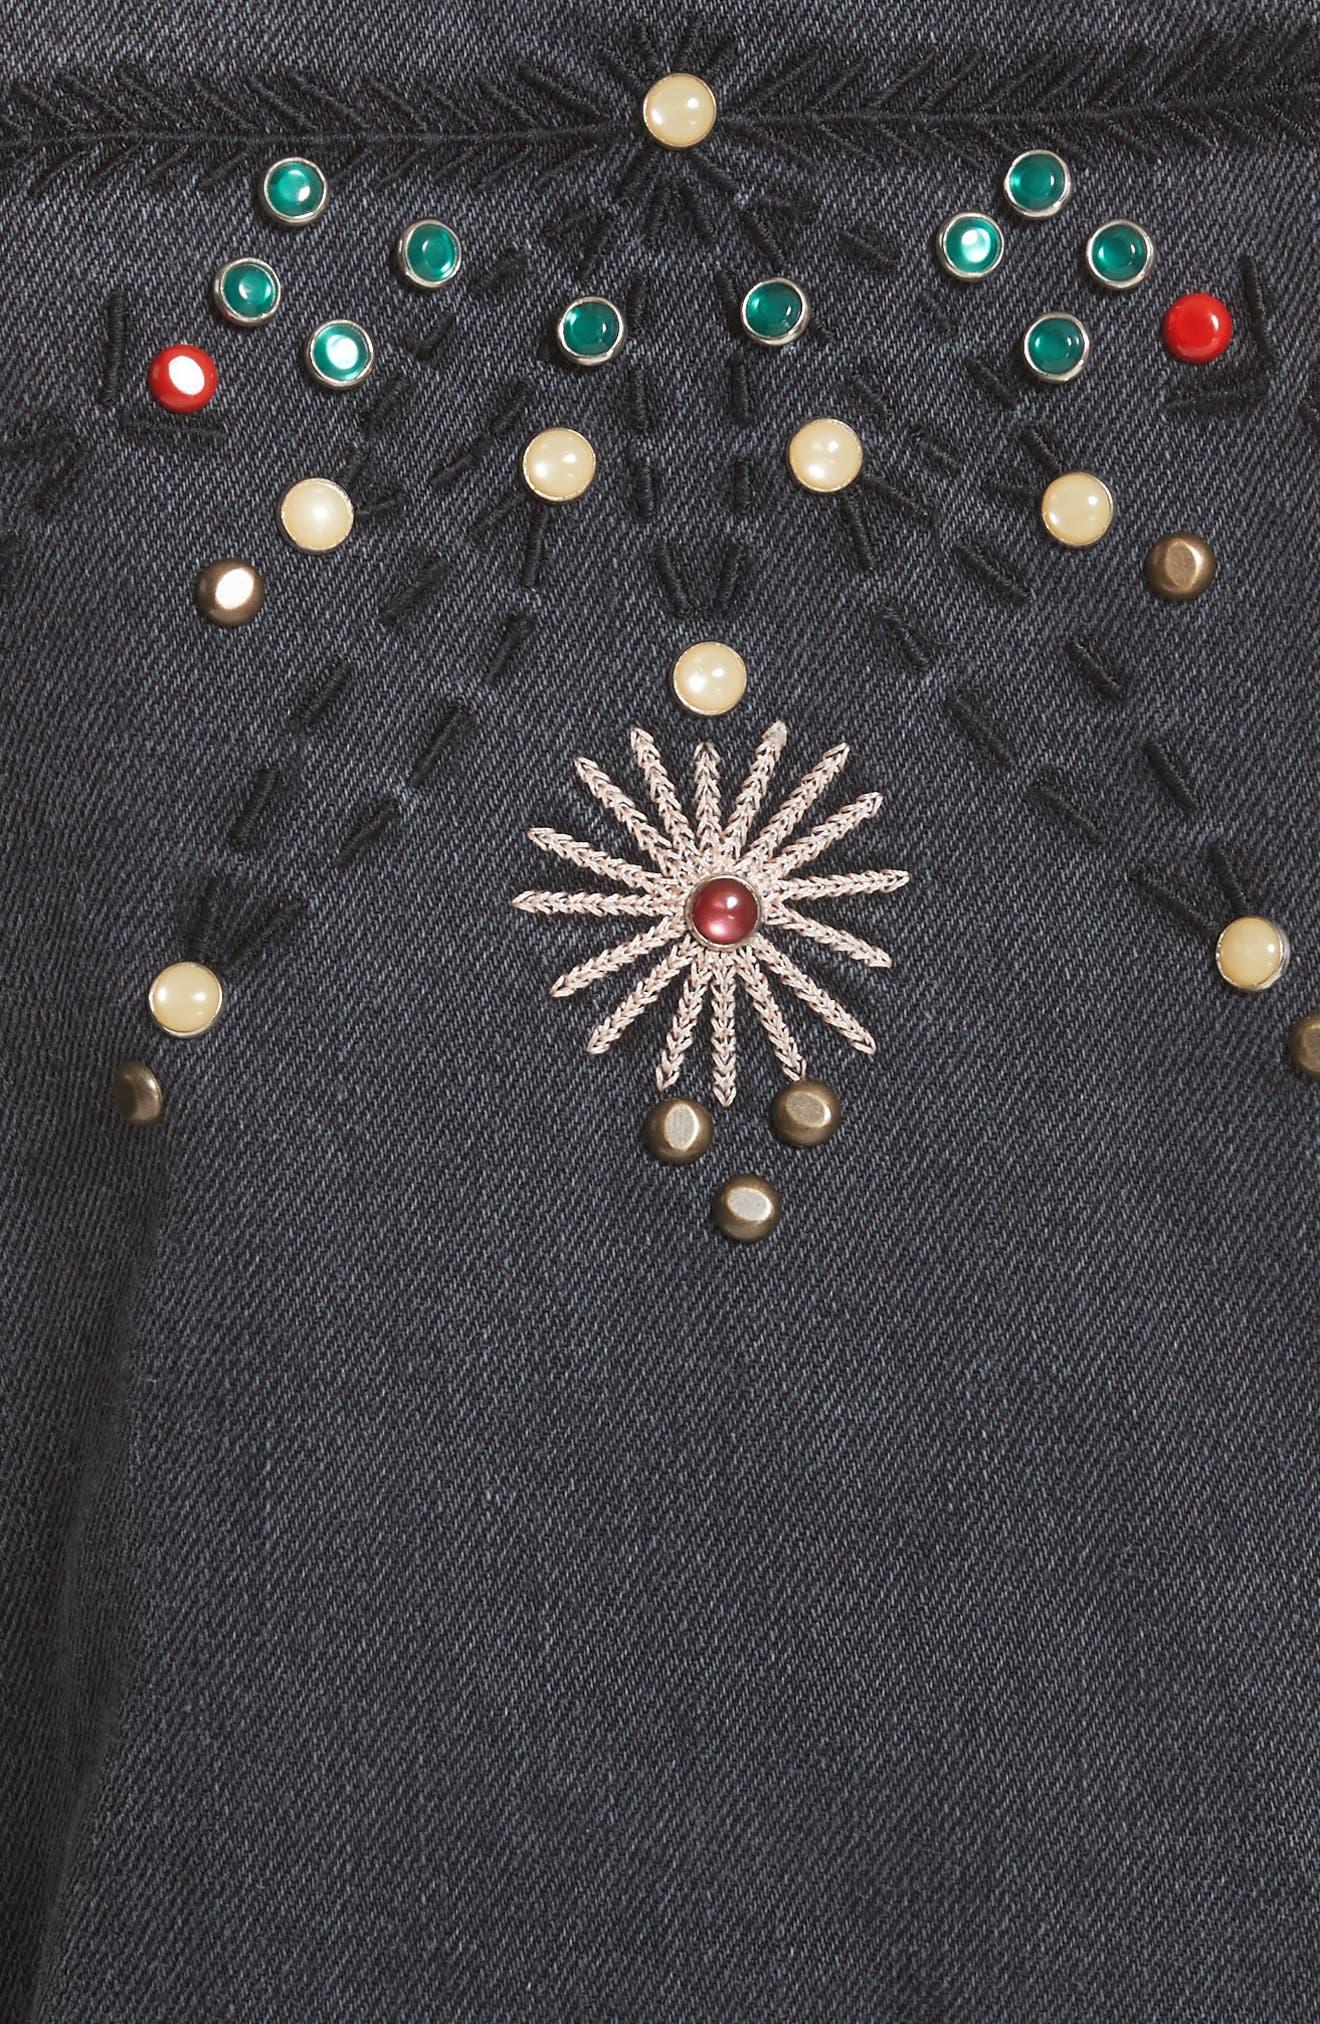 Isabel Marant Étoile Cabella Embellished Denim Jacket,                             Alternate thumbnail 6, color,